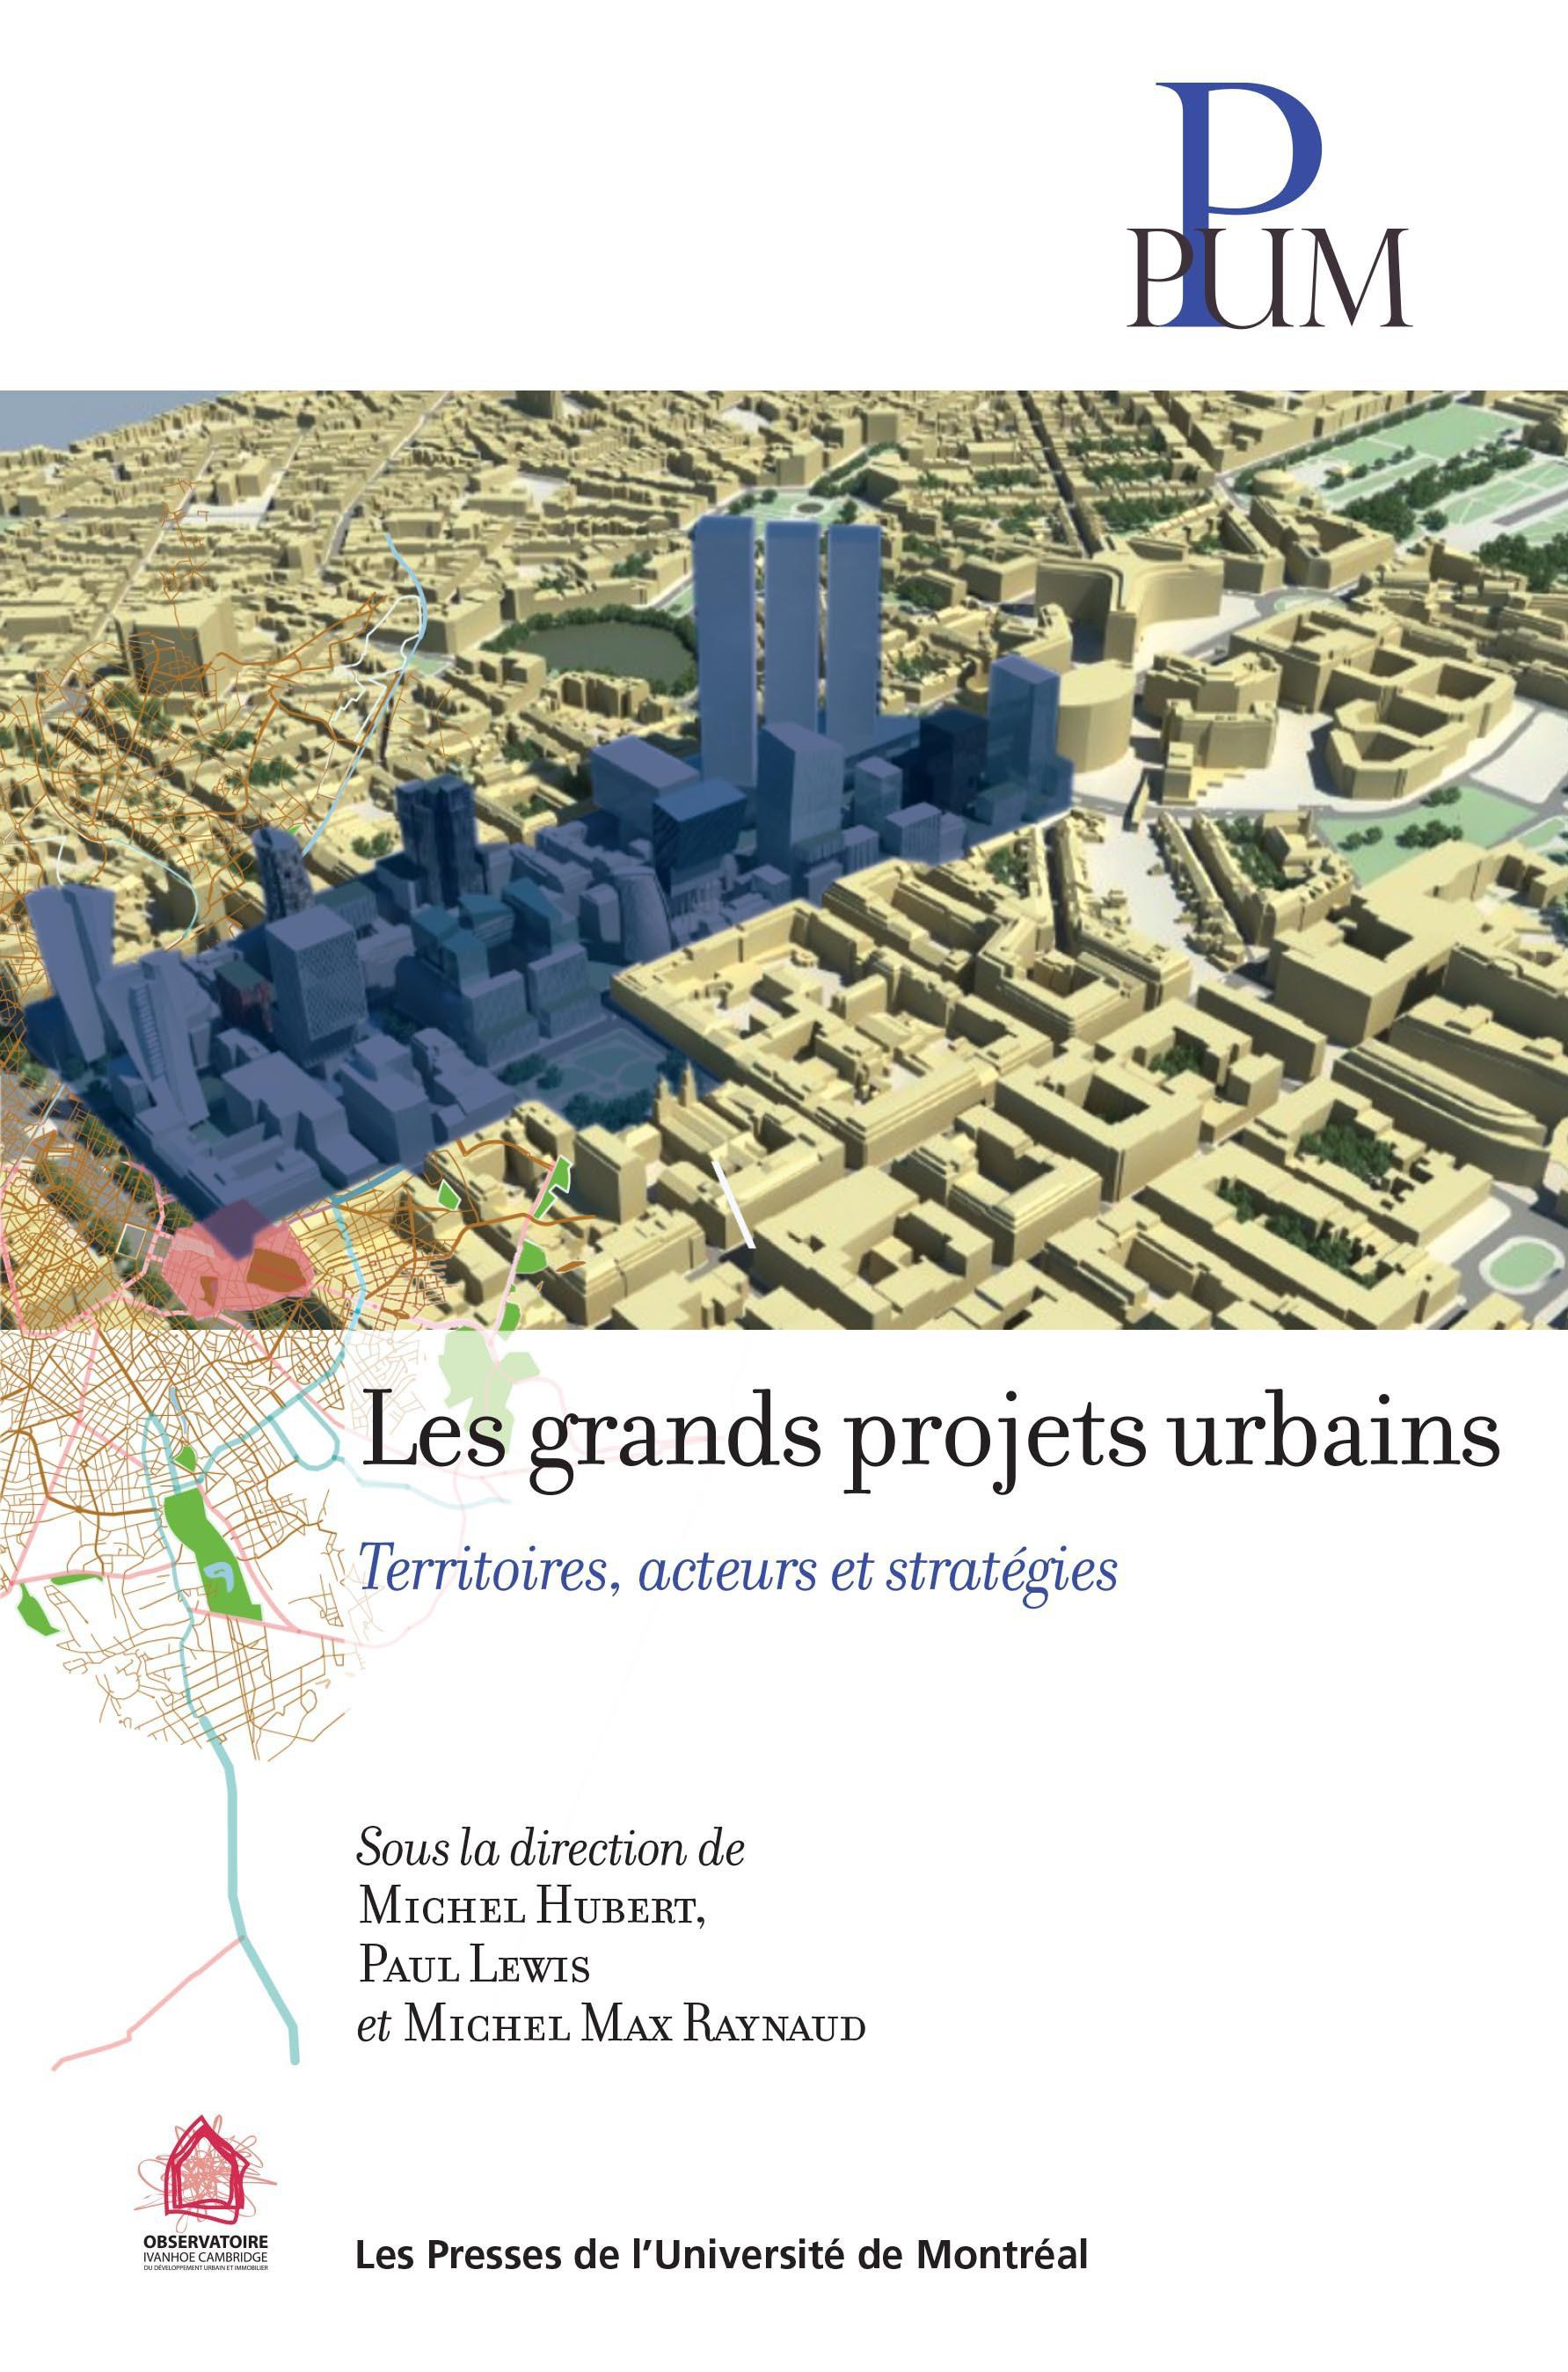 Les grands projets urbains